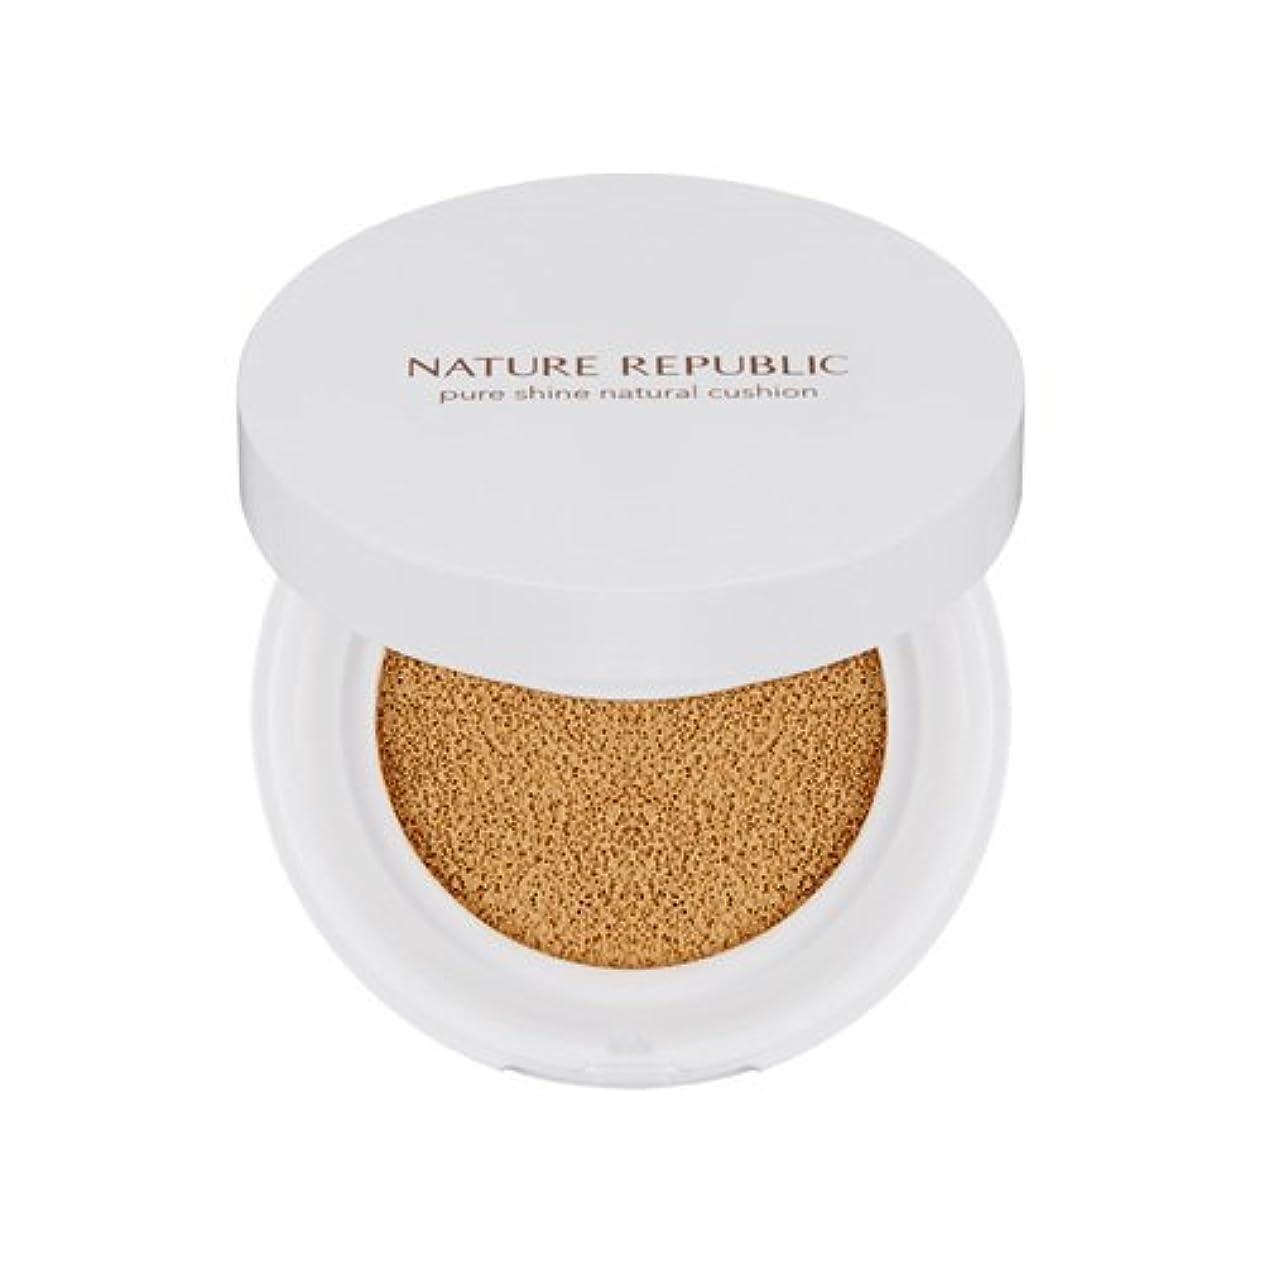 化学薬品着る脆いNATURE REPUBLIC Pure Shine Natural Cushion #01 Light Beige SPF50 + PA +++ ネイチャーリパブリック ピュアシャインナチュラルクッション #01ライトベージュ...